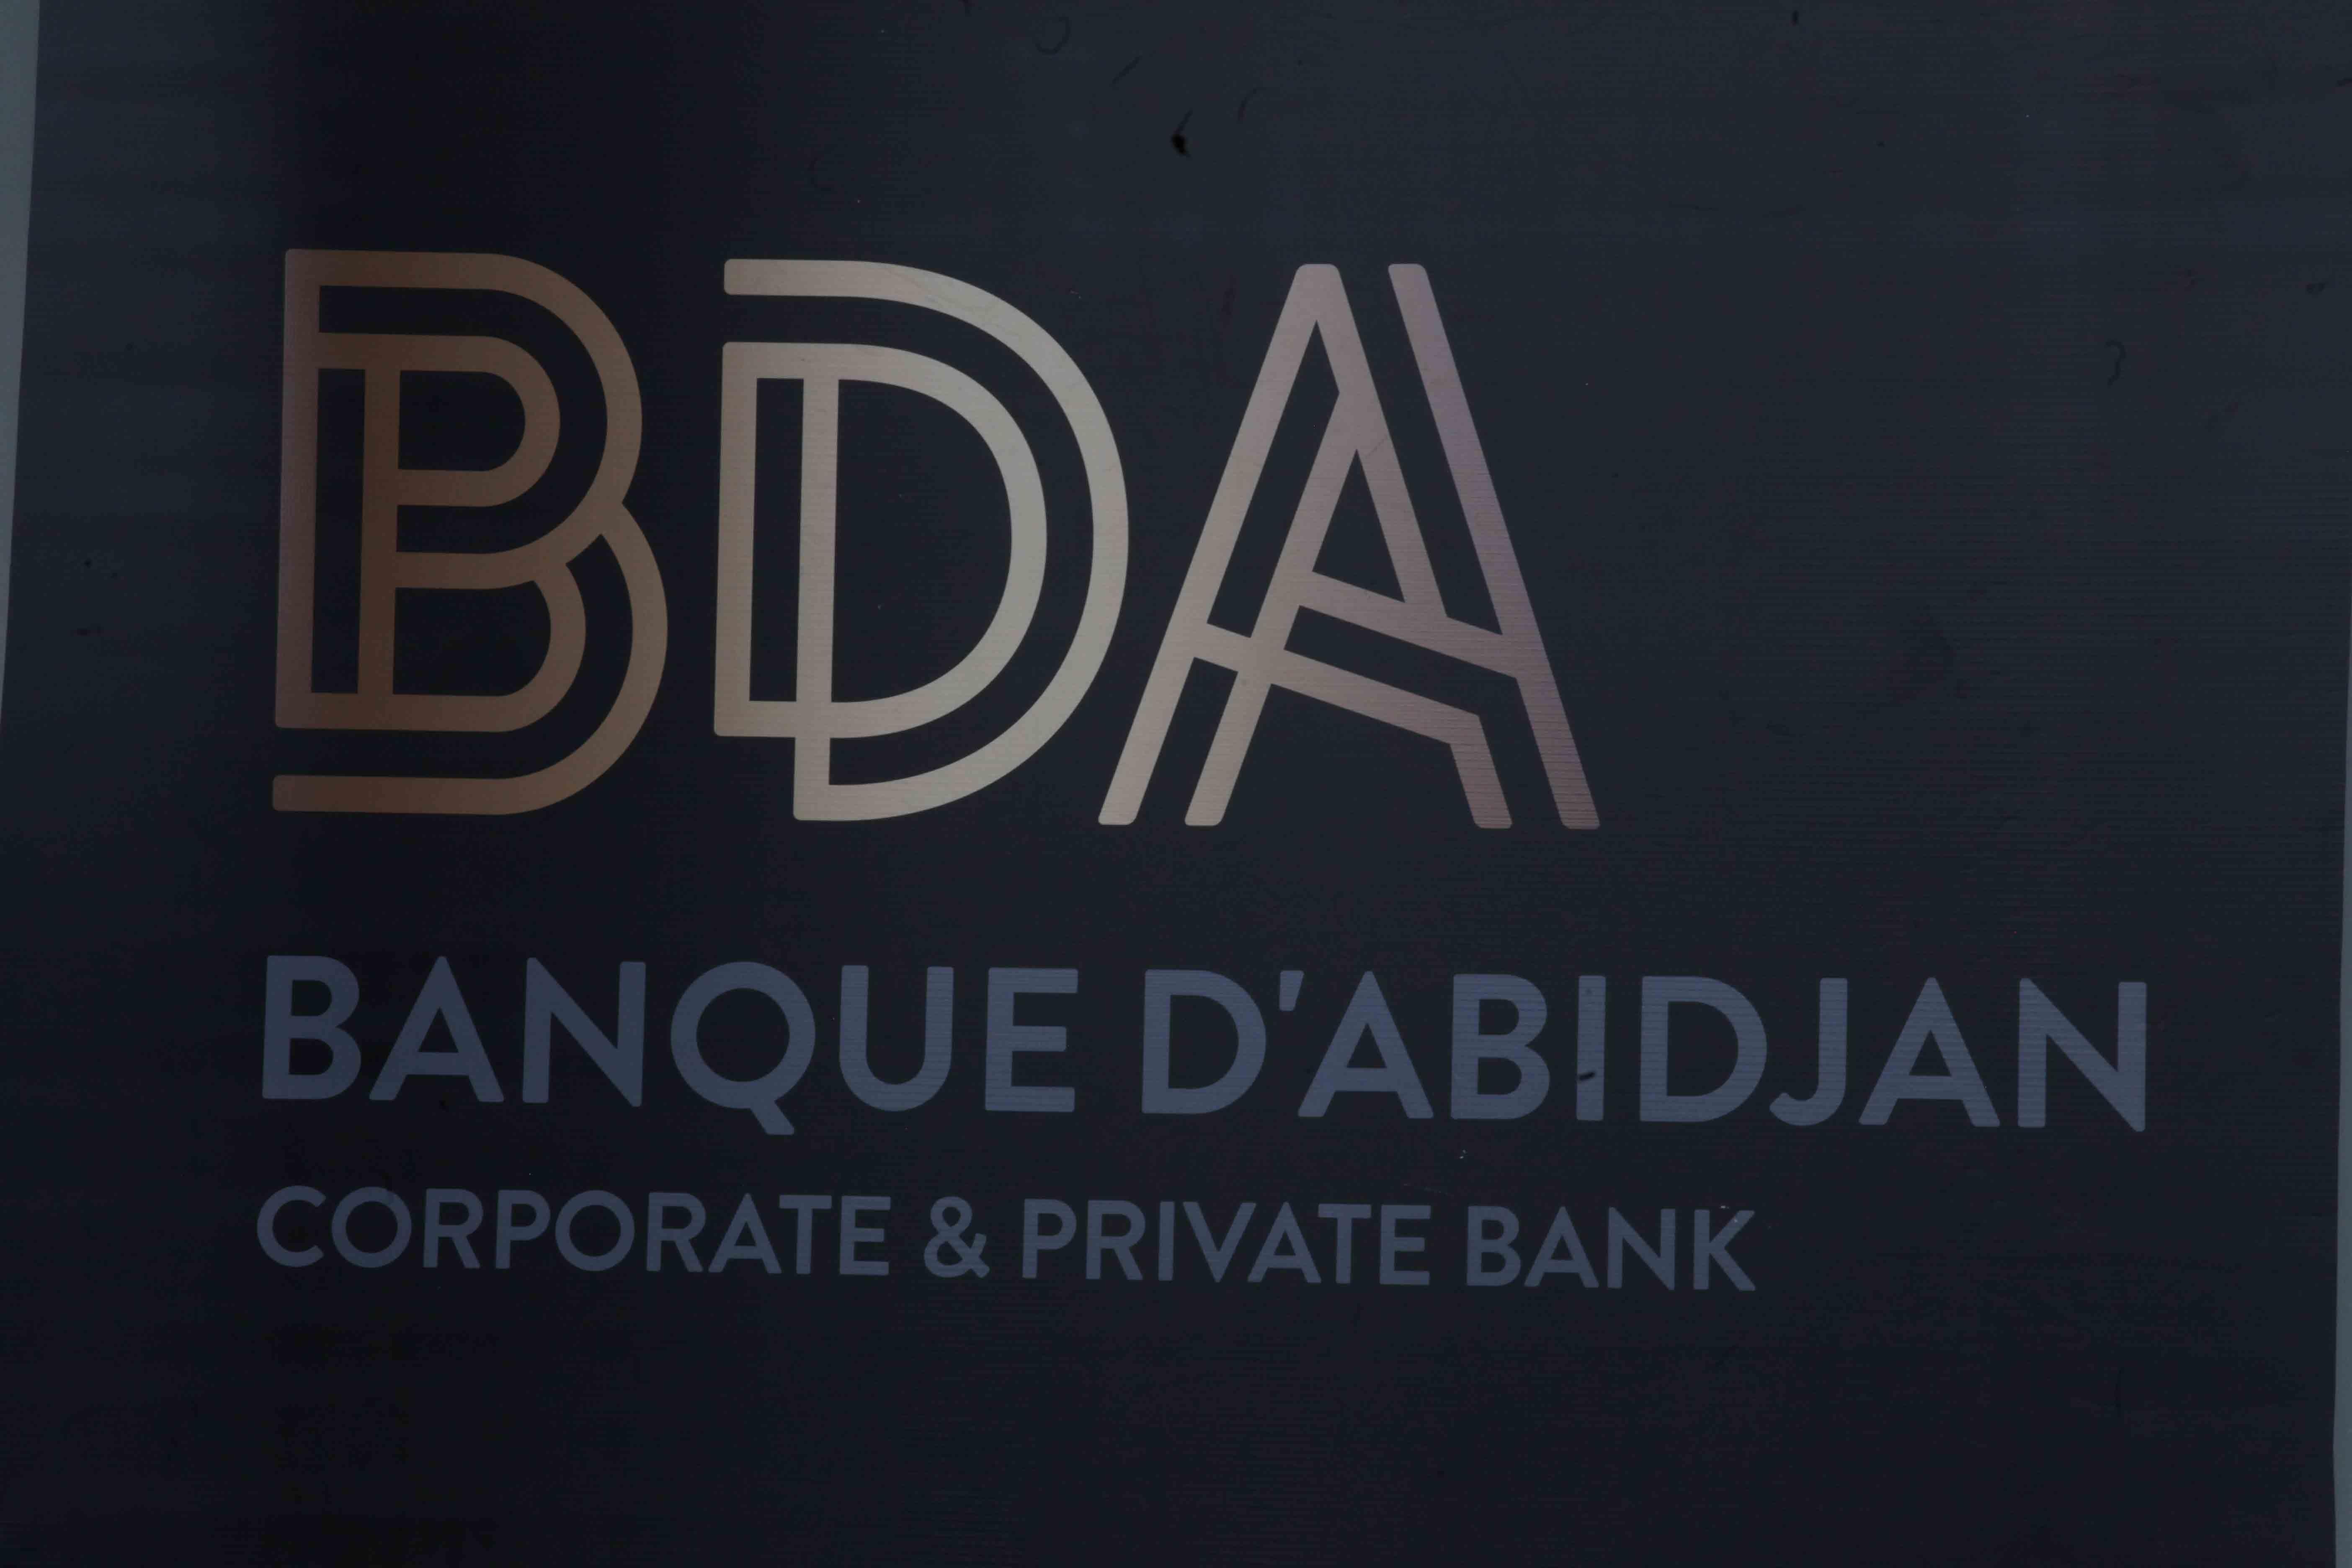 FINANCES: UNE NOUVELLE BANQUE S'IMPLANTE EN COTE D'IVOIRE